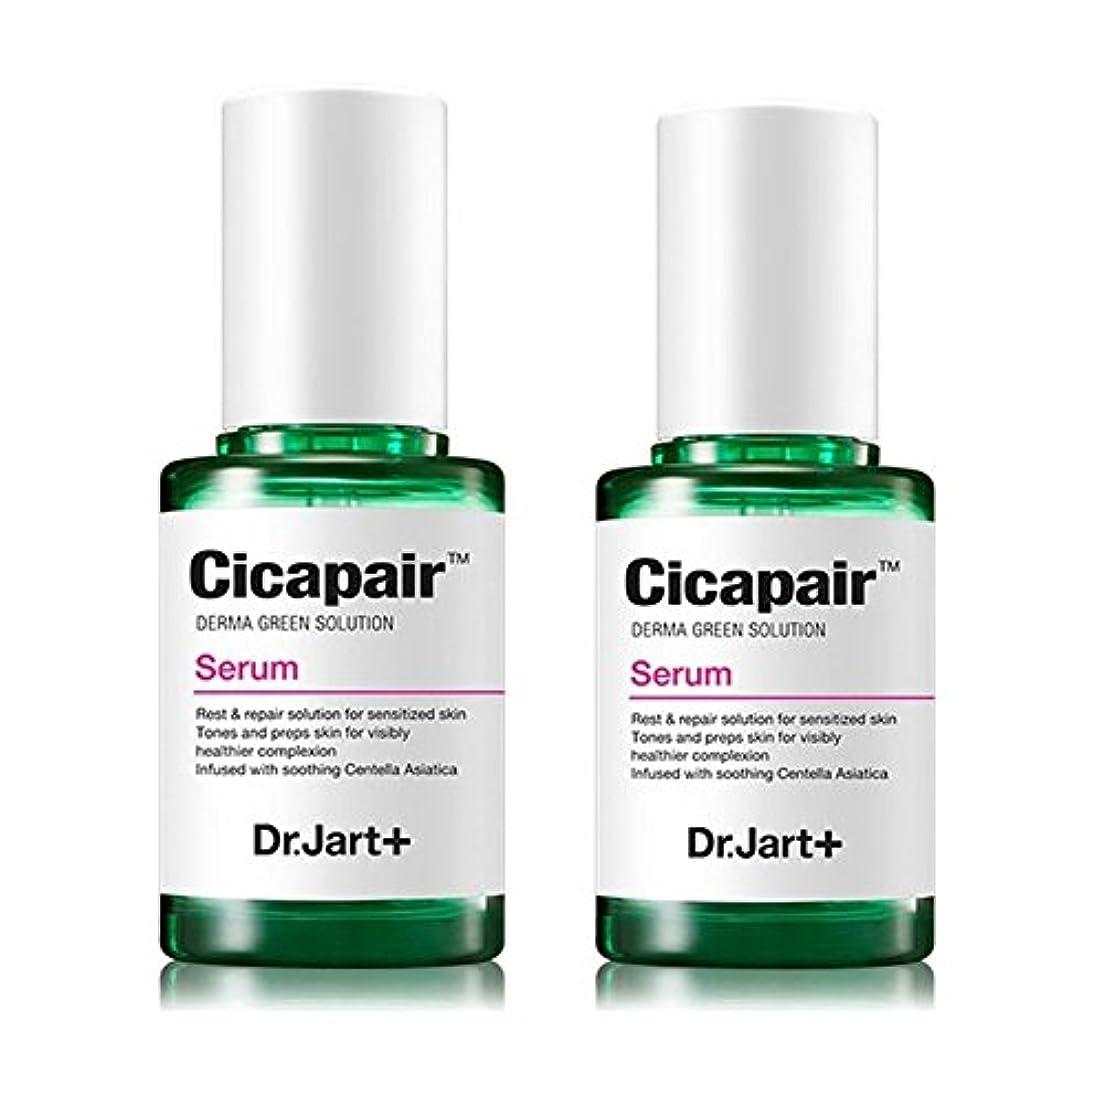 オーバーヘッド添加尋ねるドクタージャルトゥ(Dr.Jart+) シカゴフェアセラム 30ml x 2本セット、Dr.Jart+ Cicapair Serum 30ml x 2ea Set [並行輸入品]